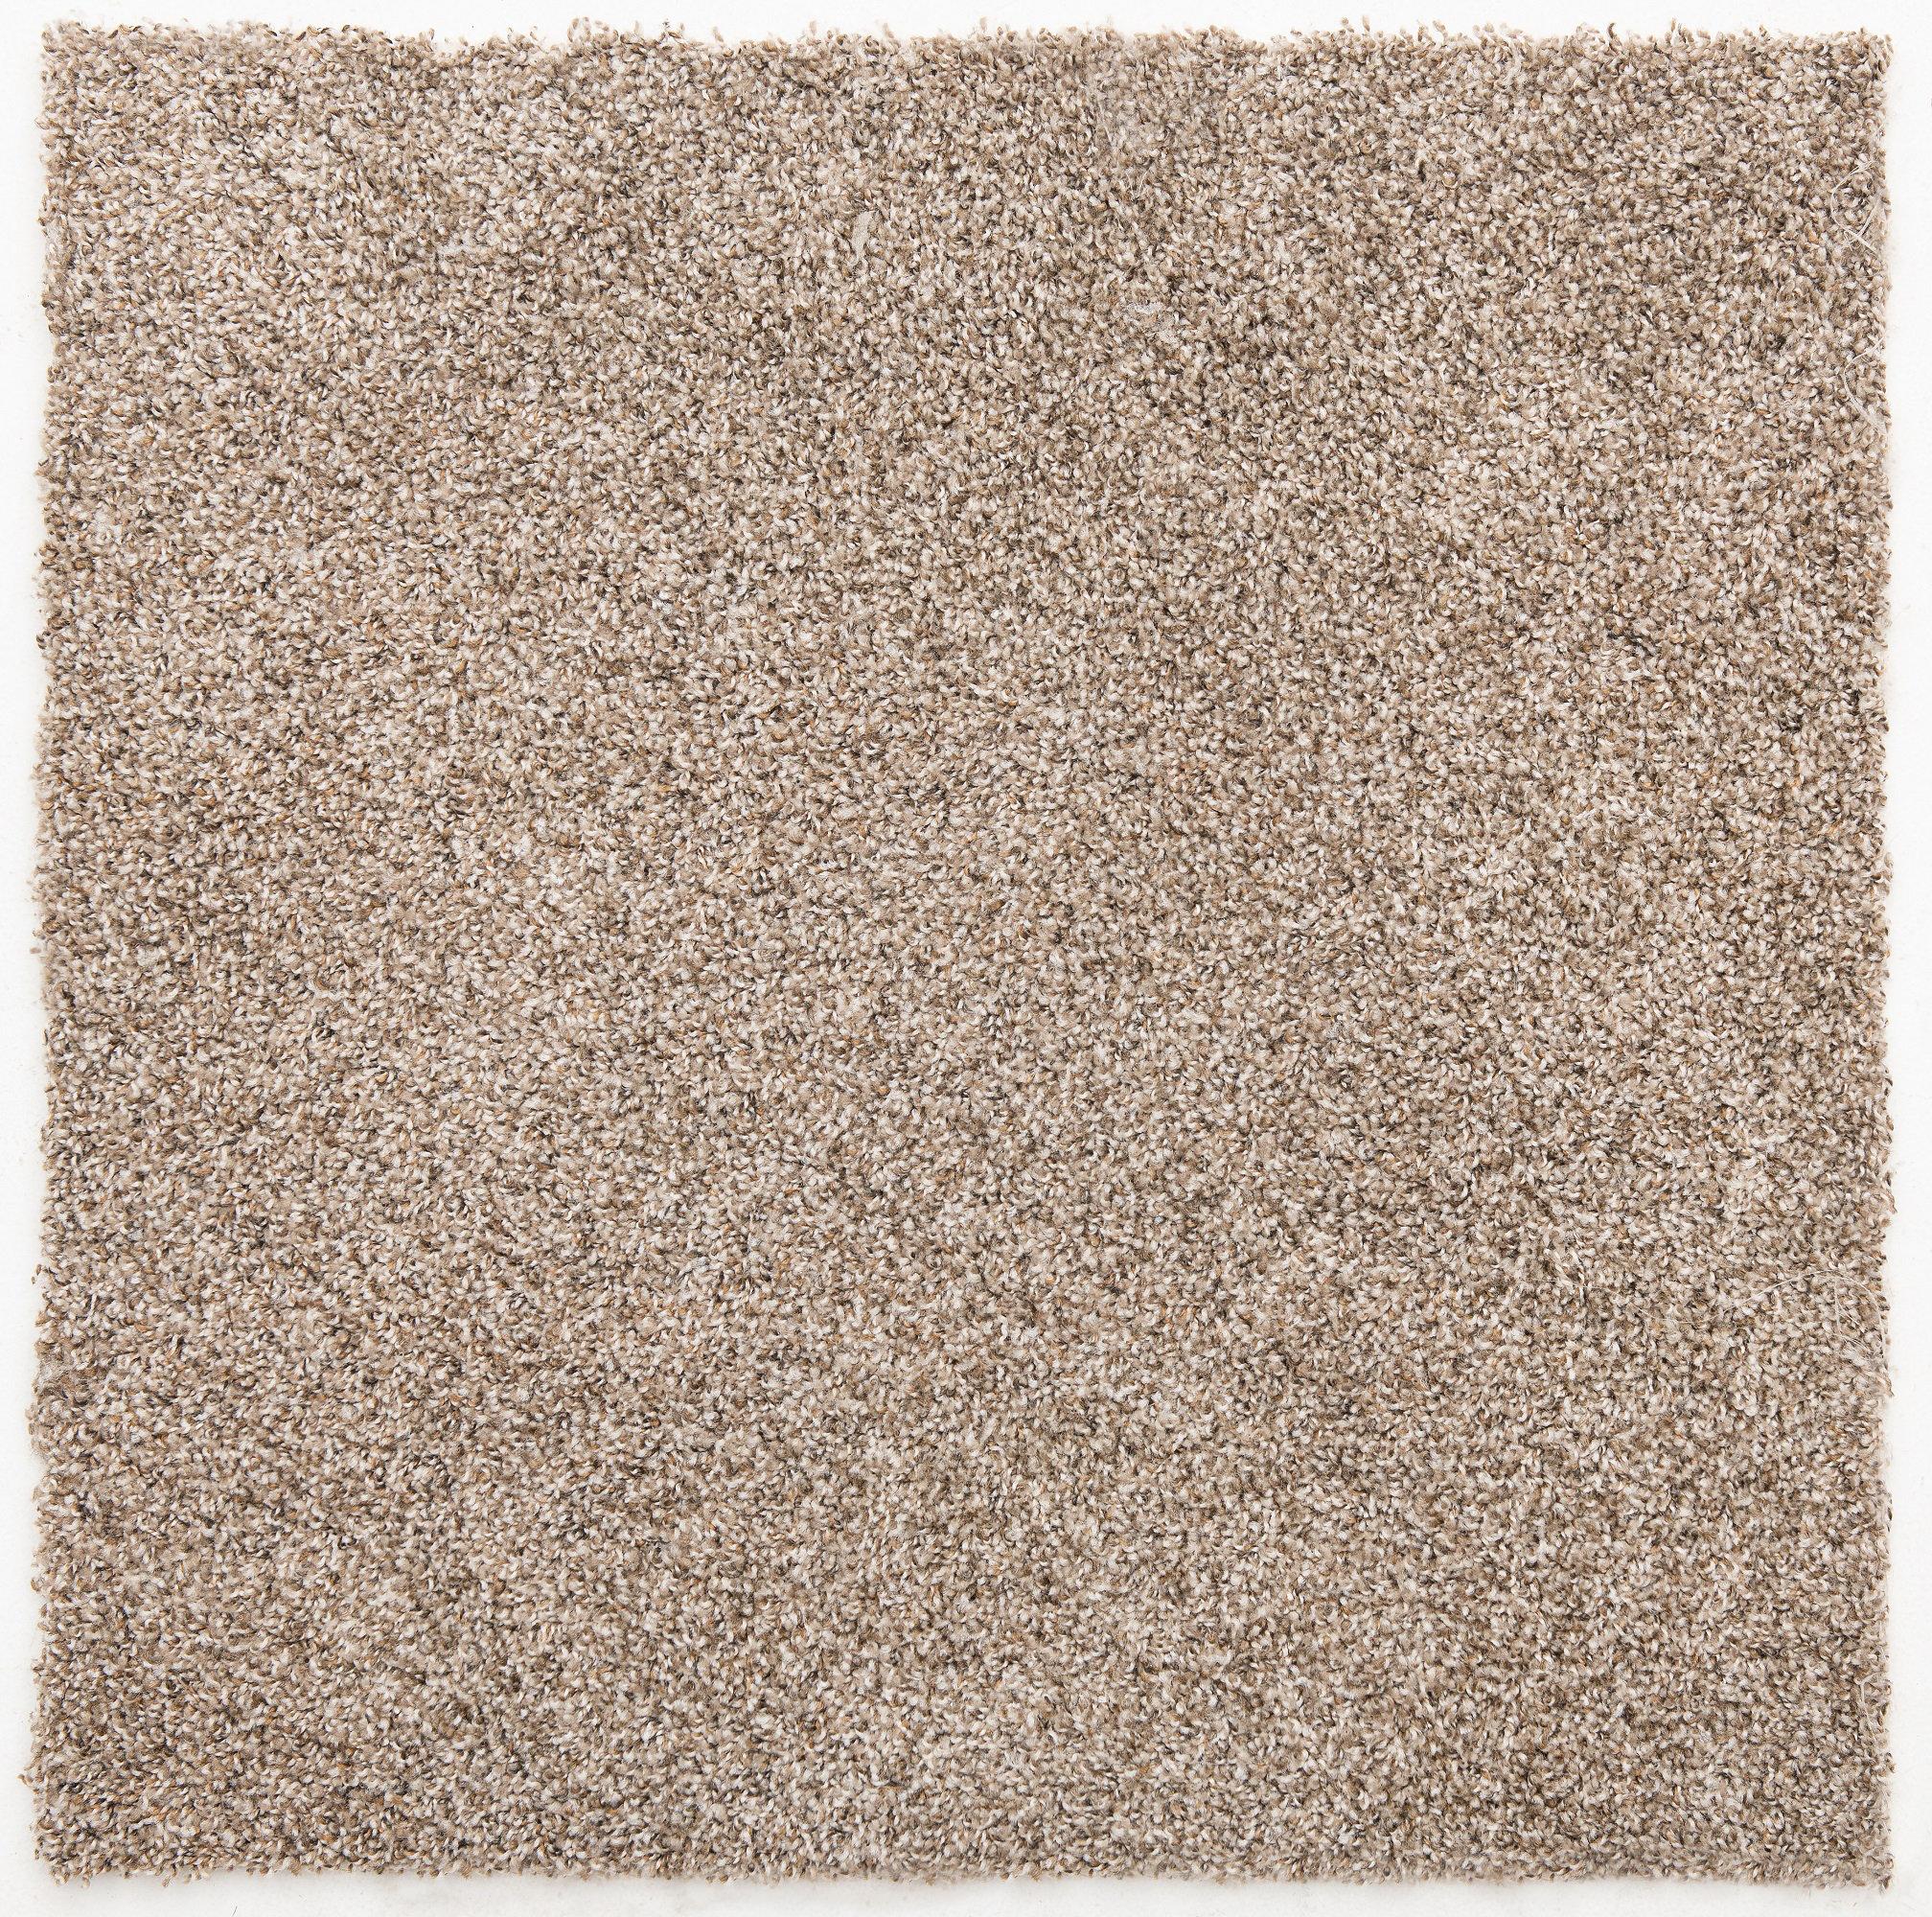 Plush Cut Carpet Tile